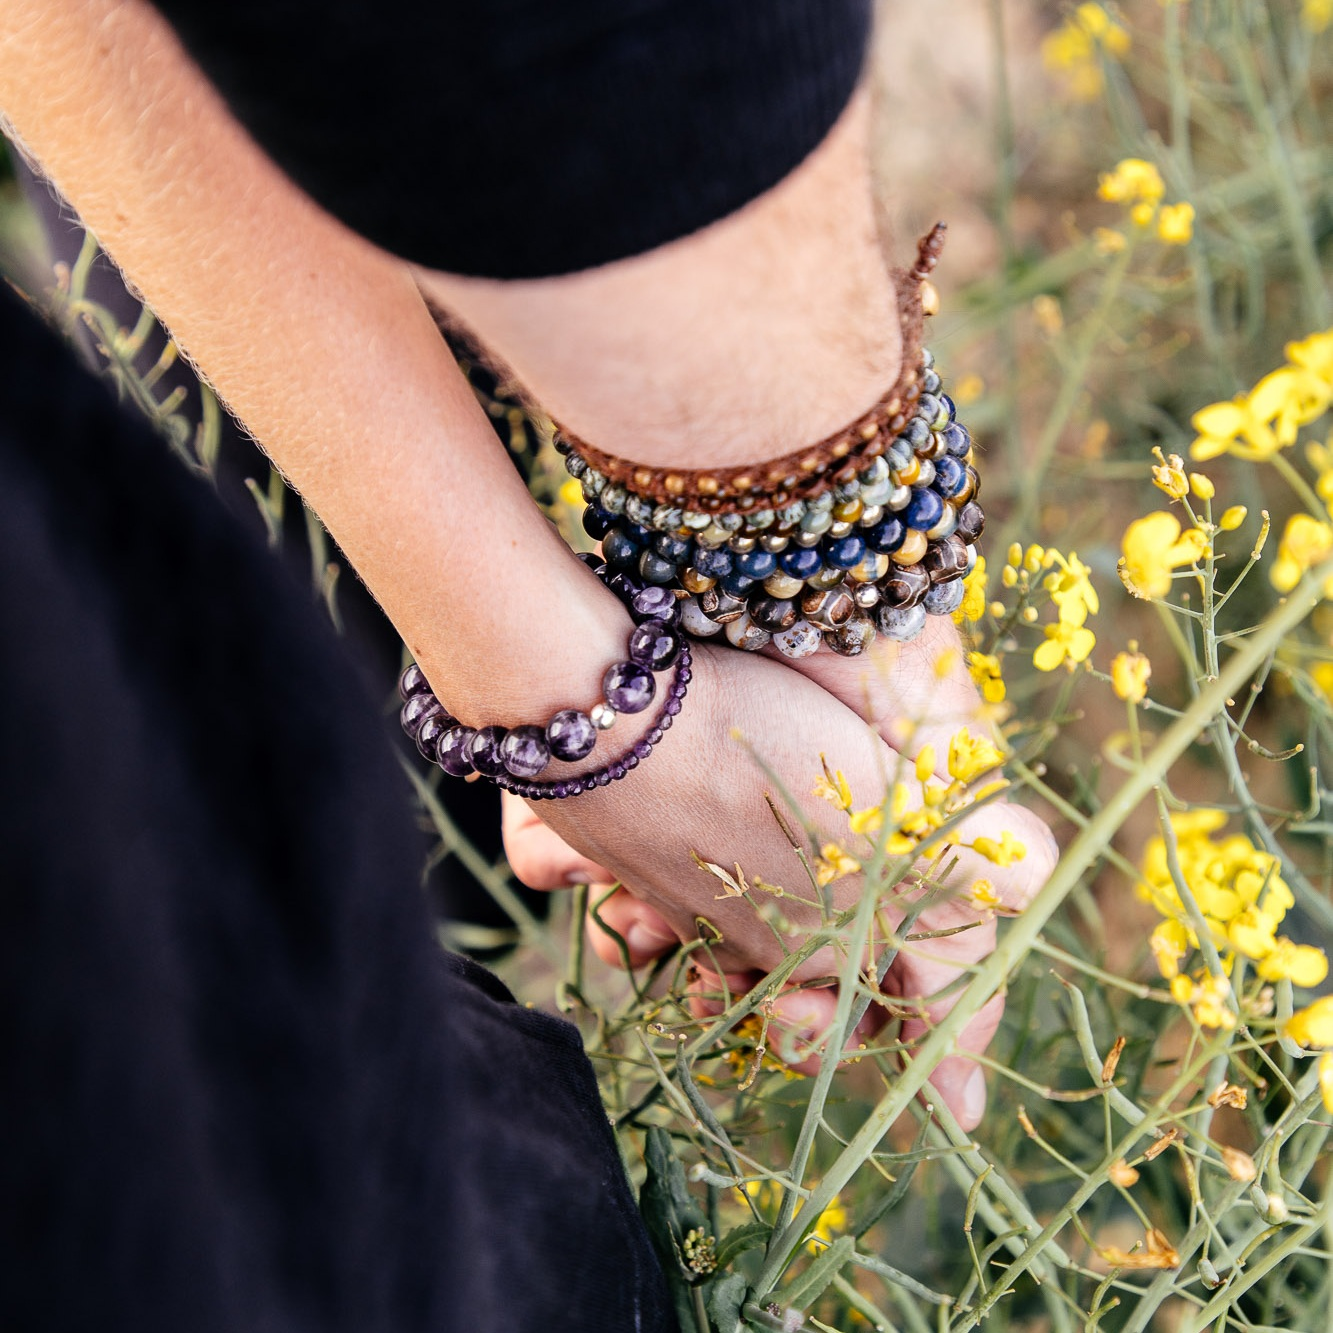 Connecter notre mère la Terre 'Gaia' en portant un bracelet Nasoha.Fait à la main pour vous, sur-mesure et avec Amour. -